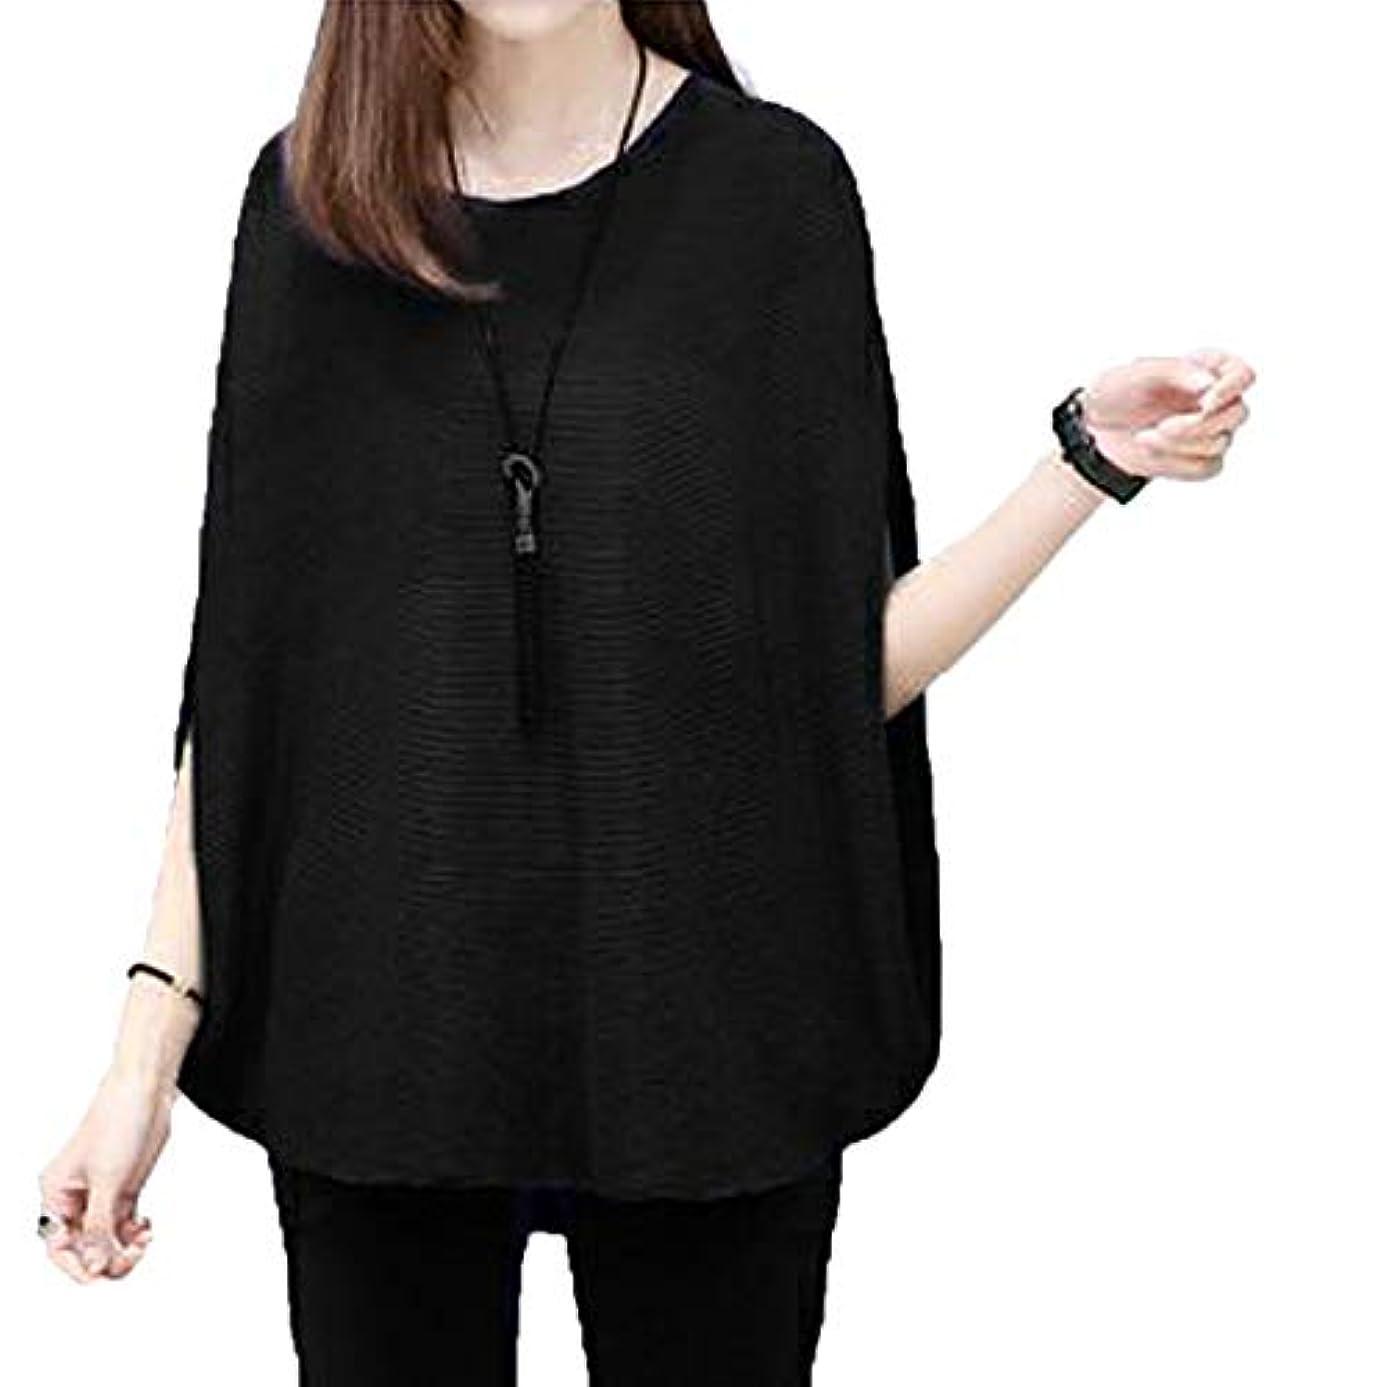 共役にはまって回路[ココチエ] レディース トップス Tシャツ 二の腕 カバー 半袖 ノースリーブ プルオーバー ゆったり 大人体型 体型カバー おおきいサイズ おしゃれ 黒 ネイビー